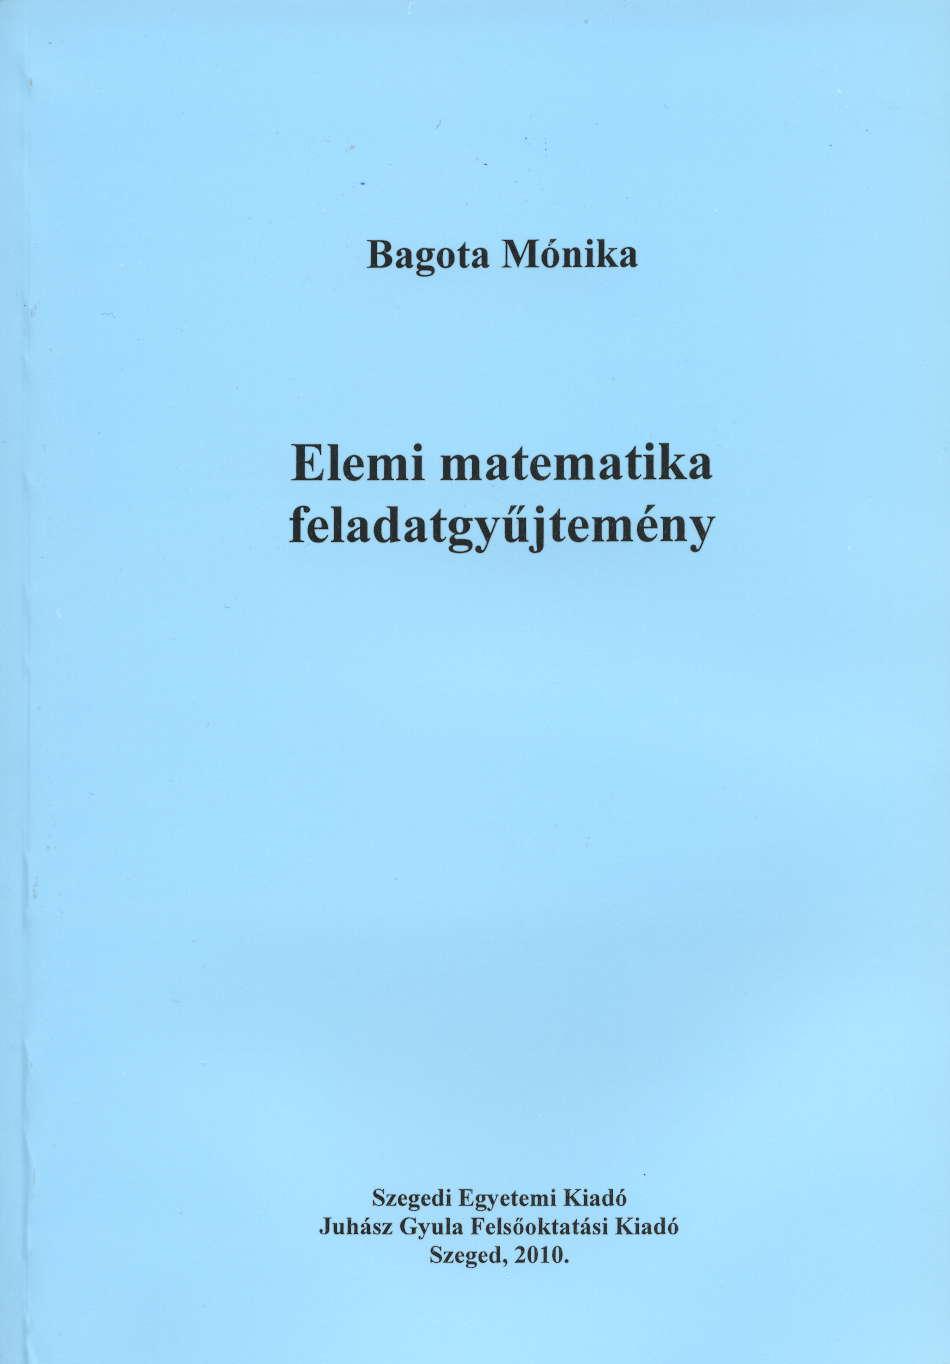 Elemi matematika feladatgyűjtemény - JGYFK